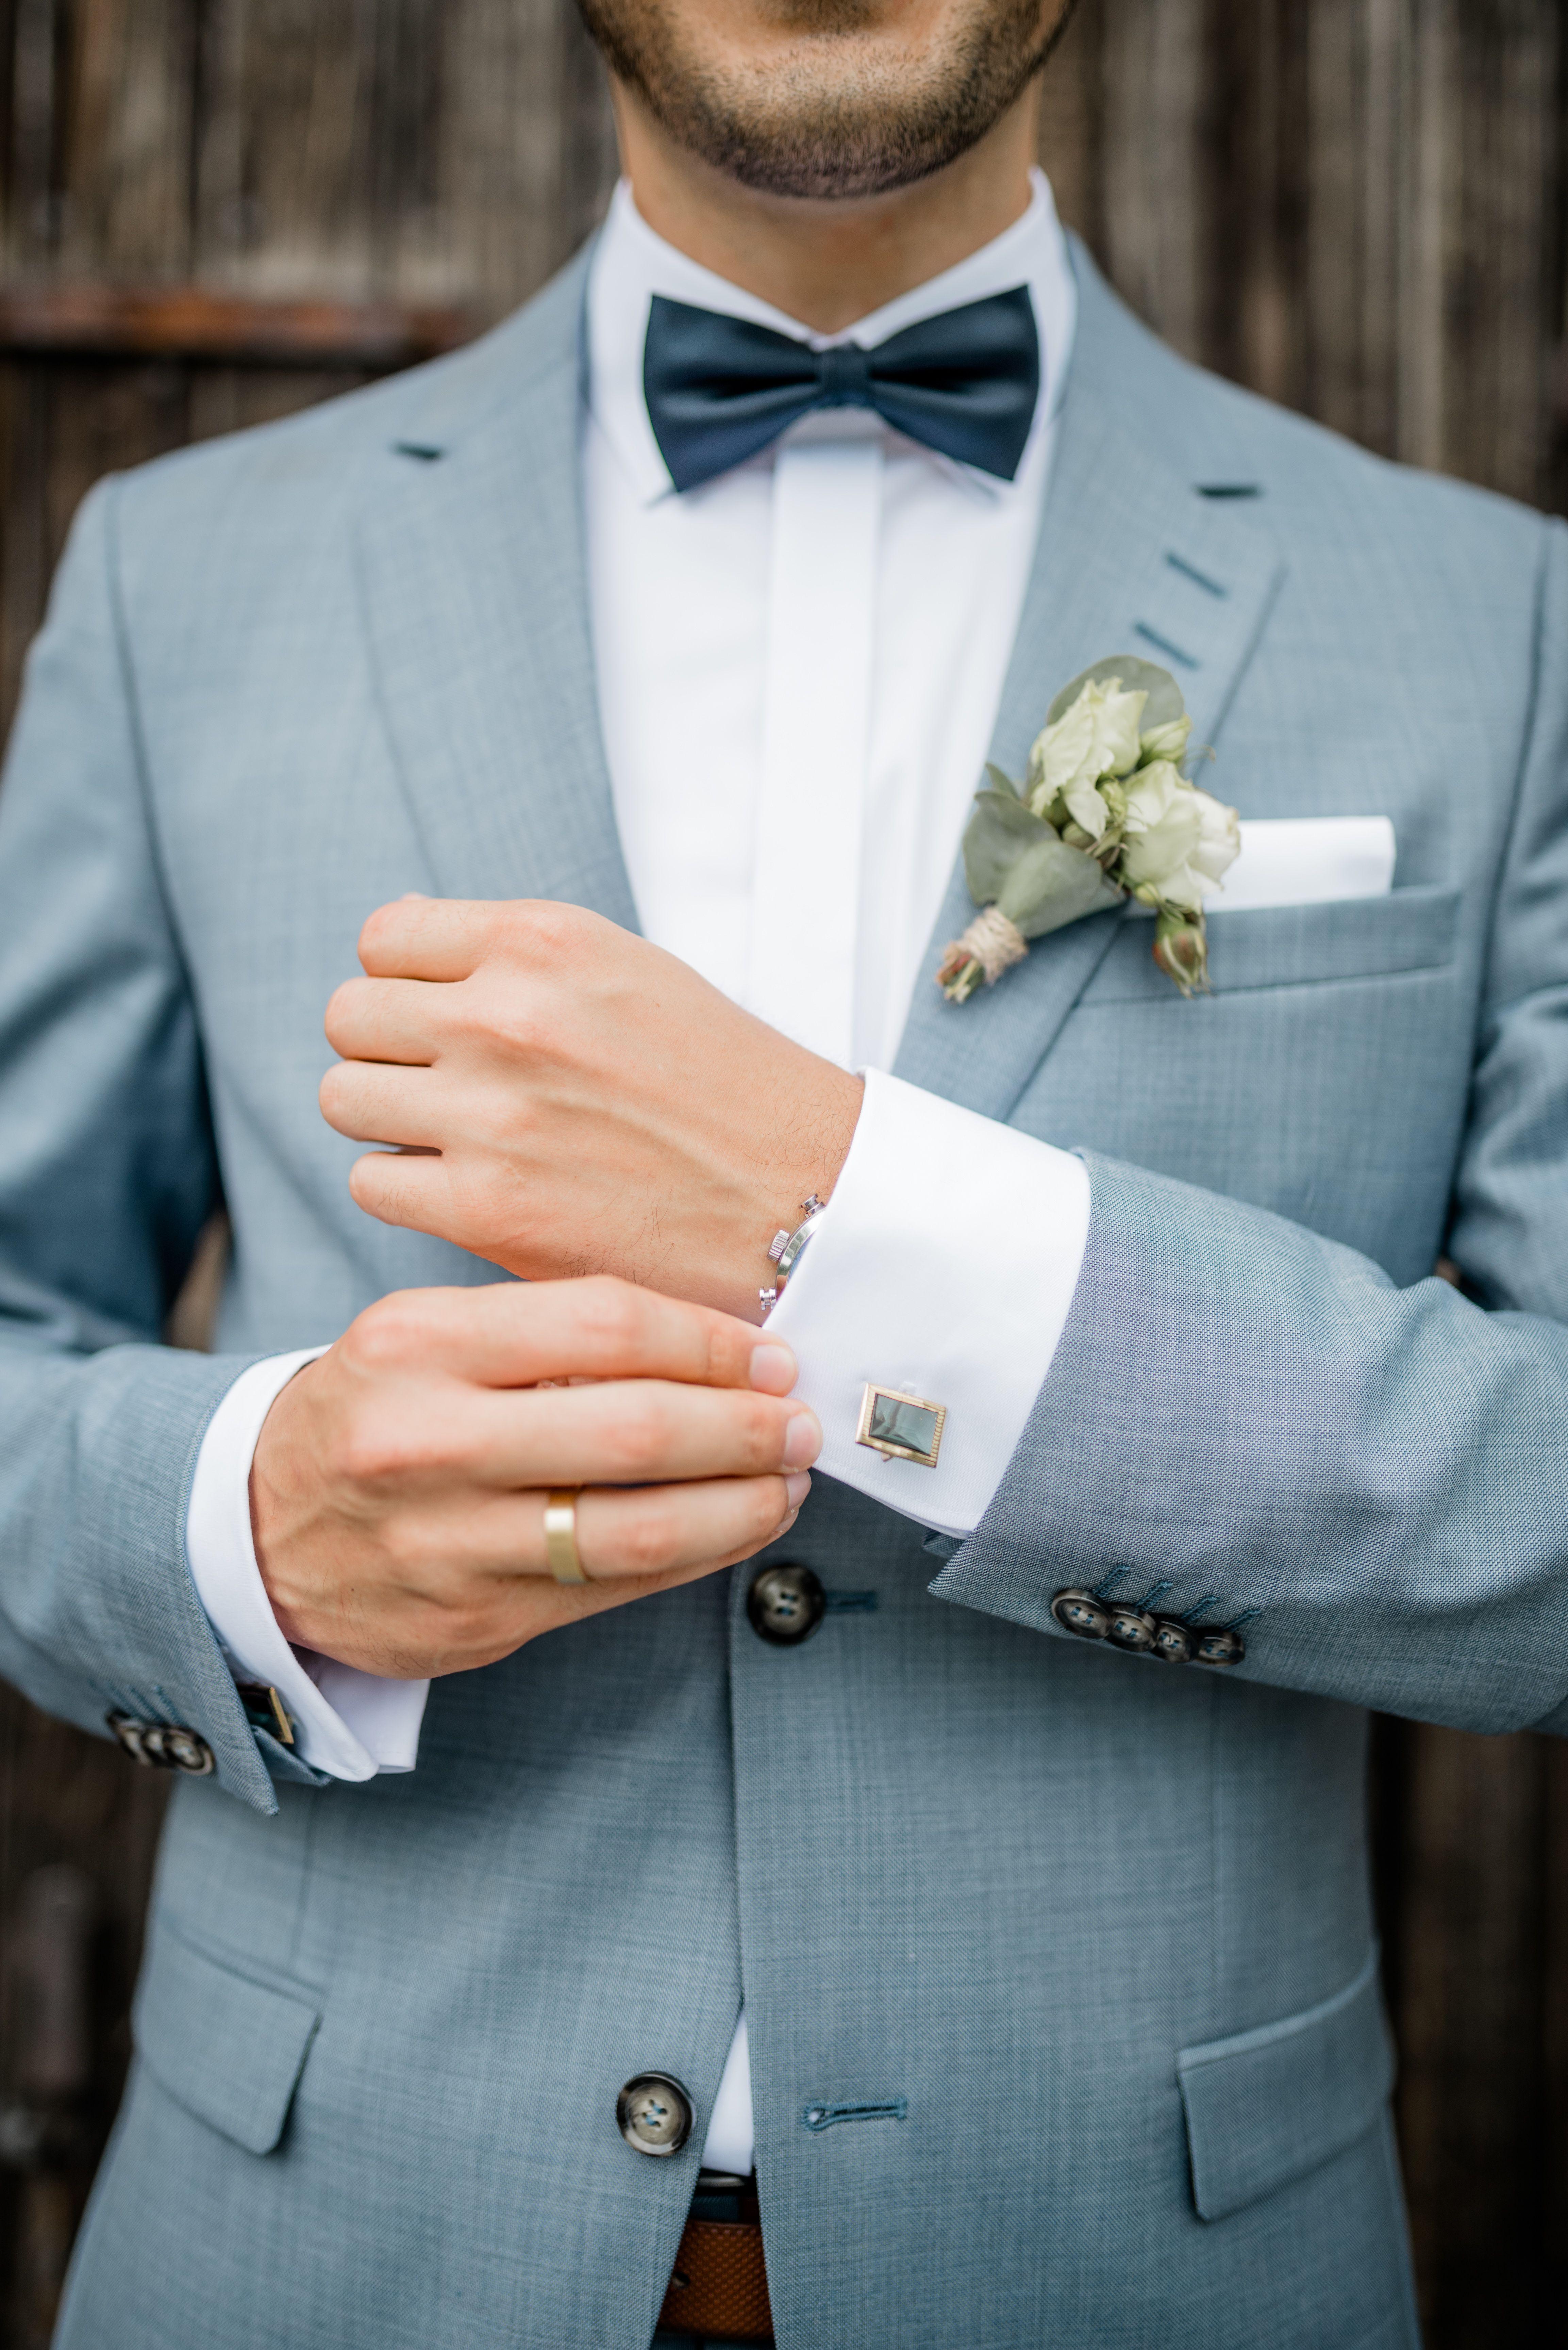 Ich liebe hellblaue Anzüge auf Hochzeiten. So ein fröhliches Fest darf mit hellen und freundlichen Farben gefeiert werden! #hochzeit #bräutigam #Anzug #suitup #wedding #hochzeitsfotograf #sauerland #attireforwedding